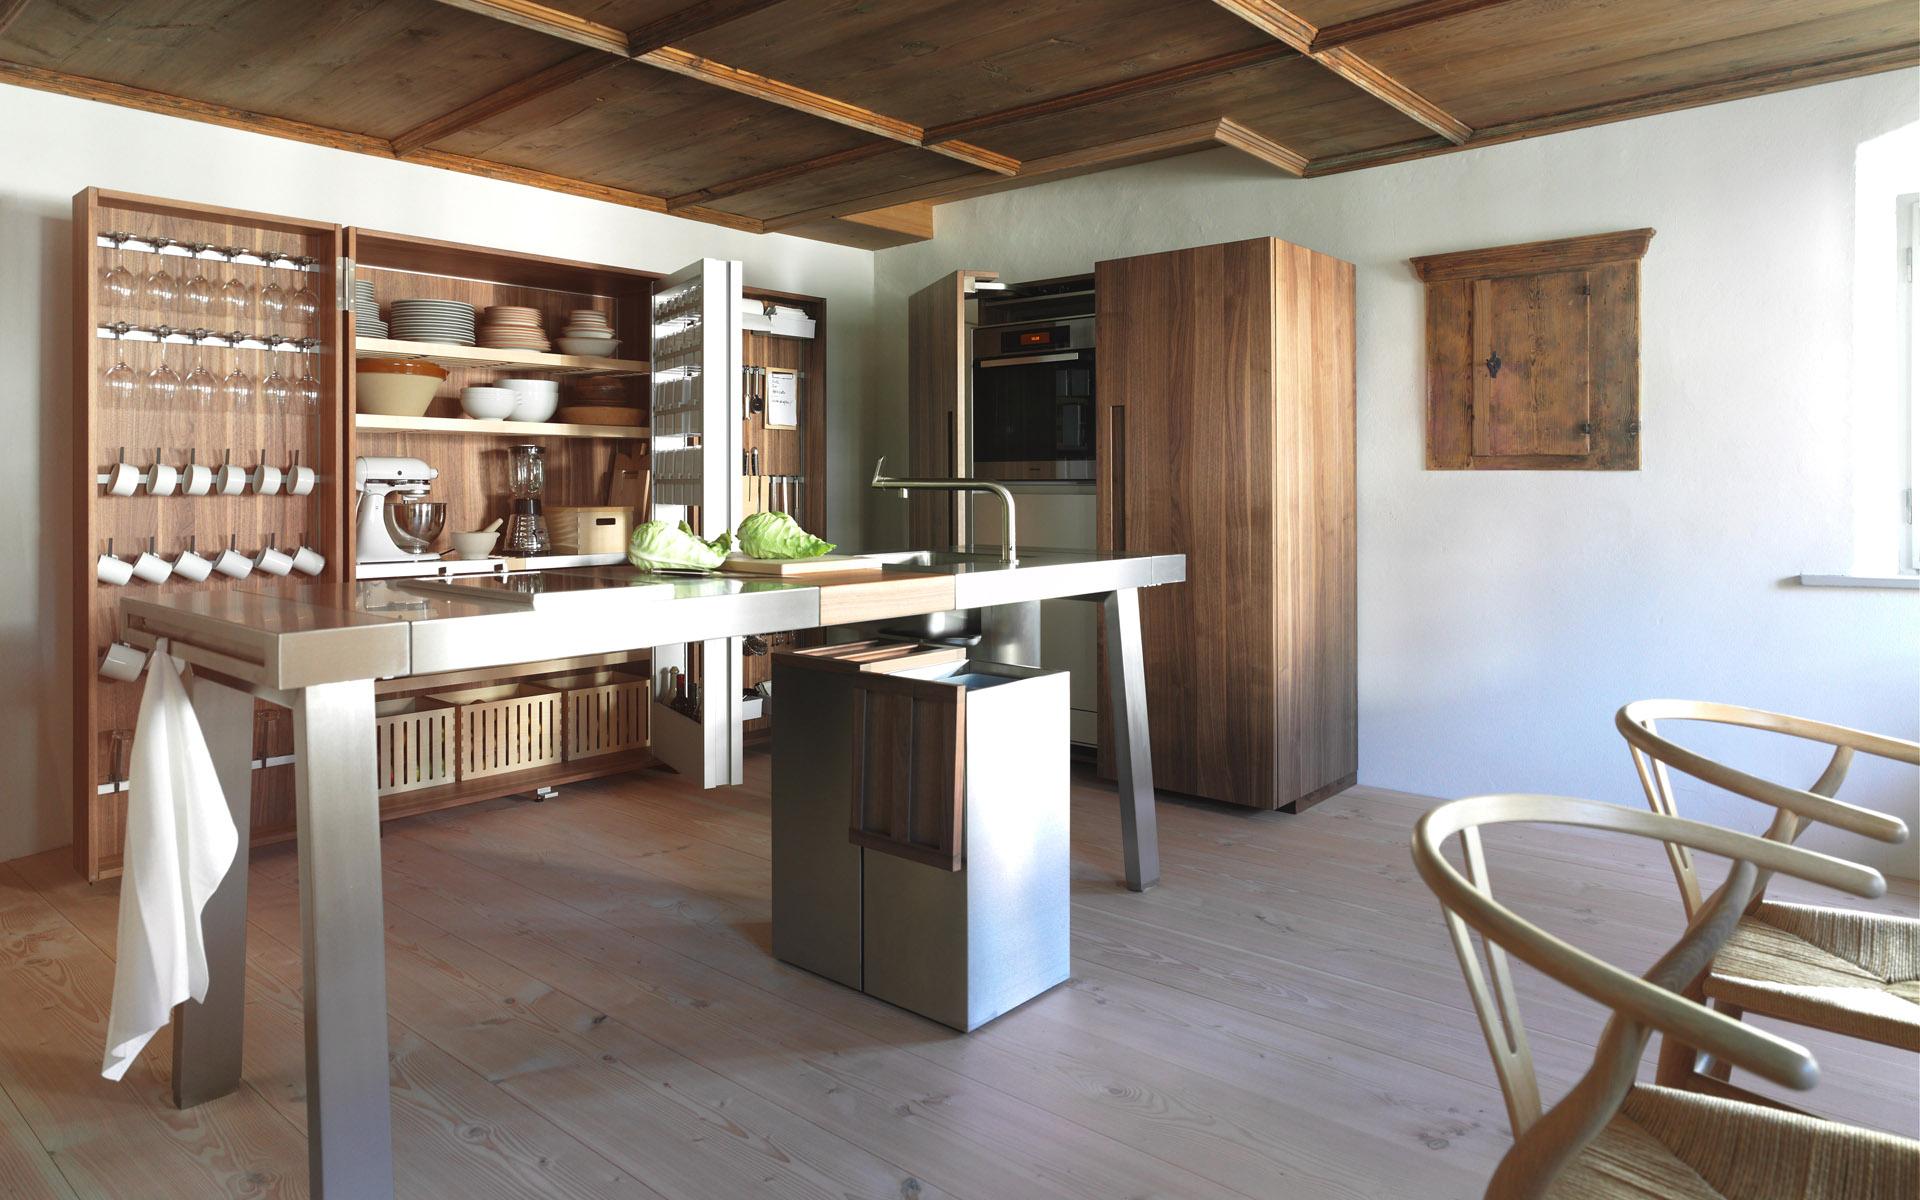 Kitchen_designs44 Kitchen designs